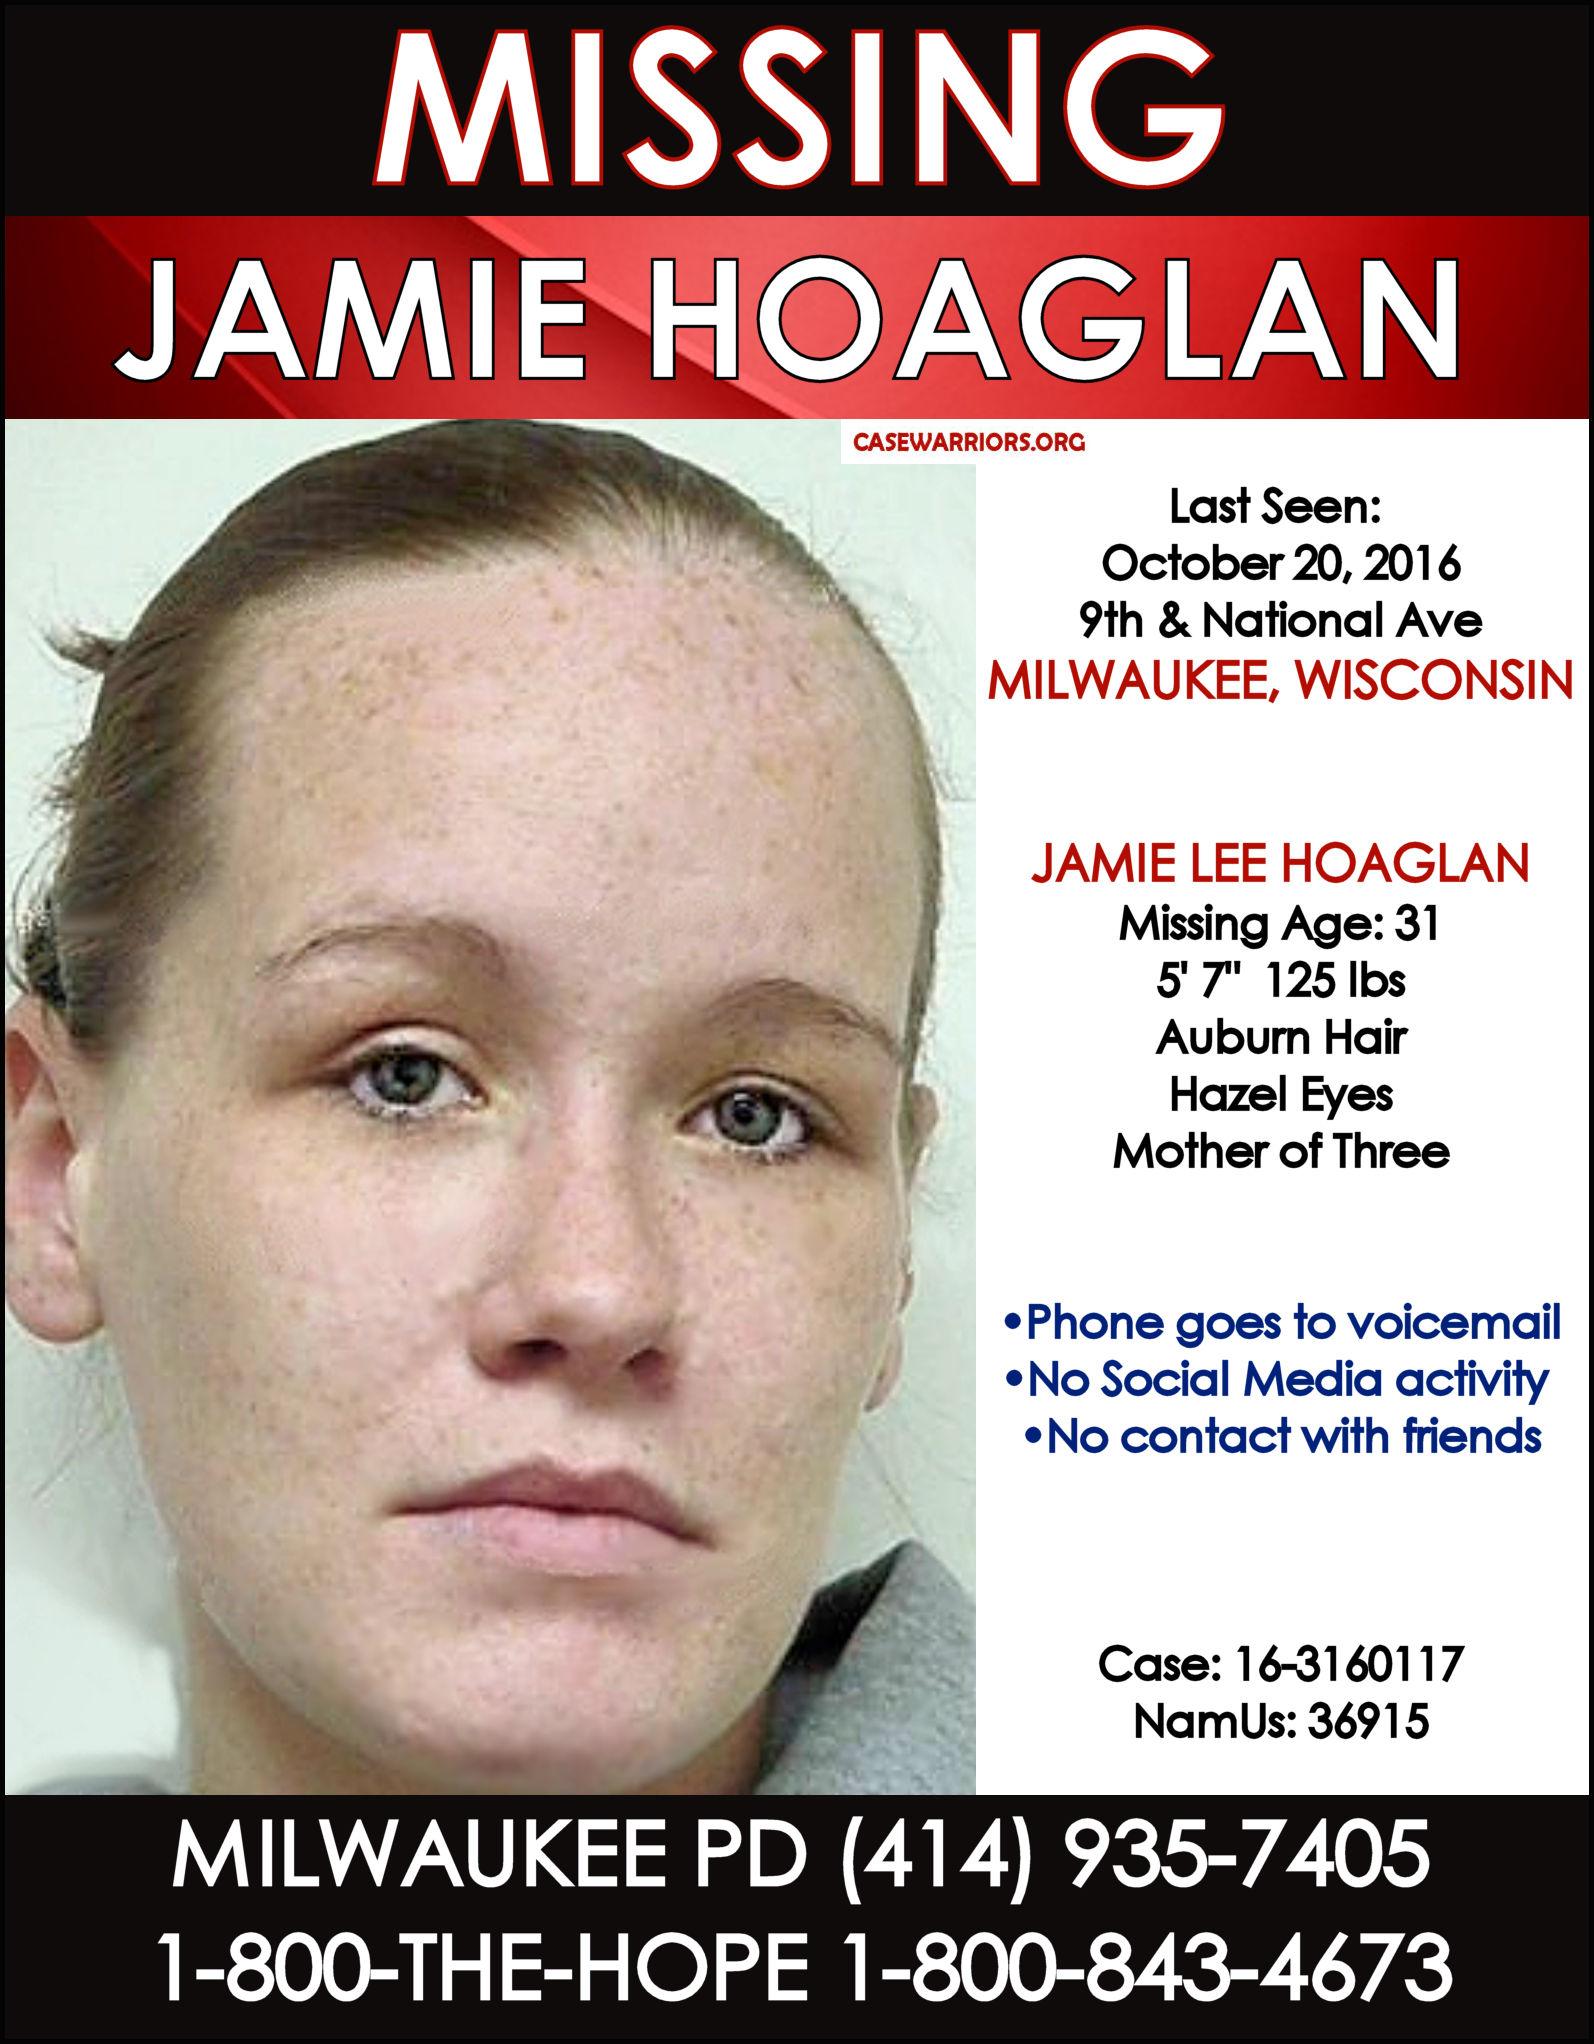 JAMIE HOAGLAN